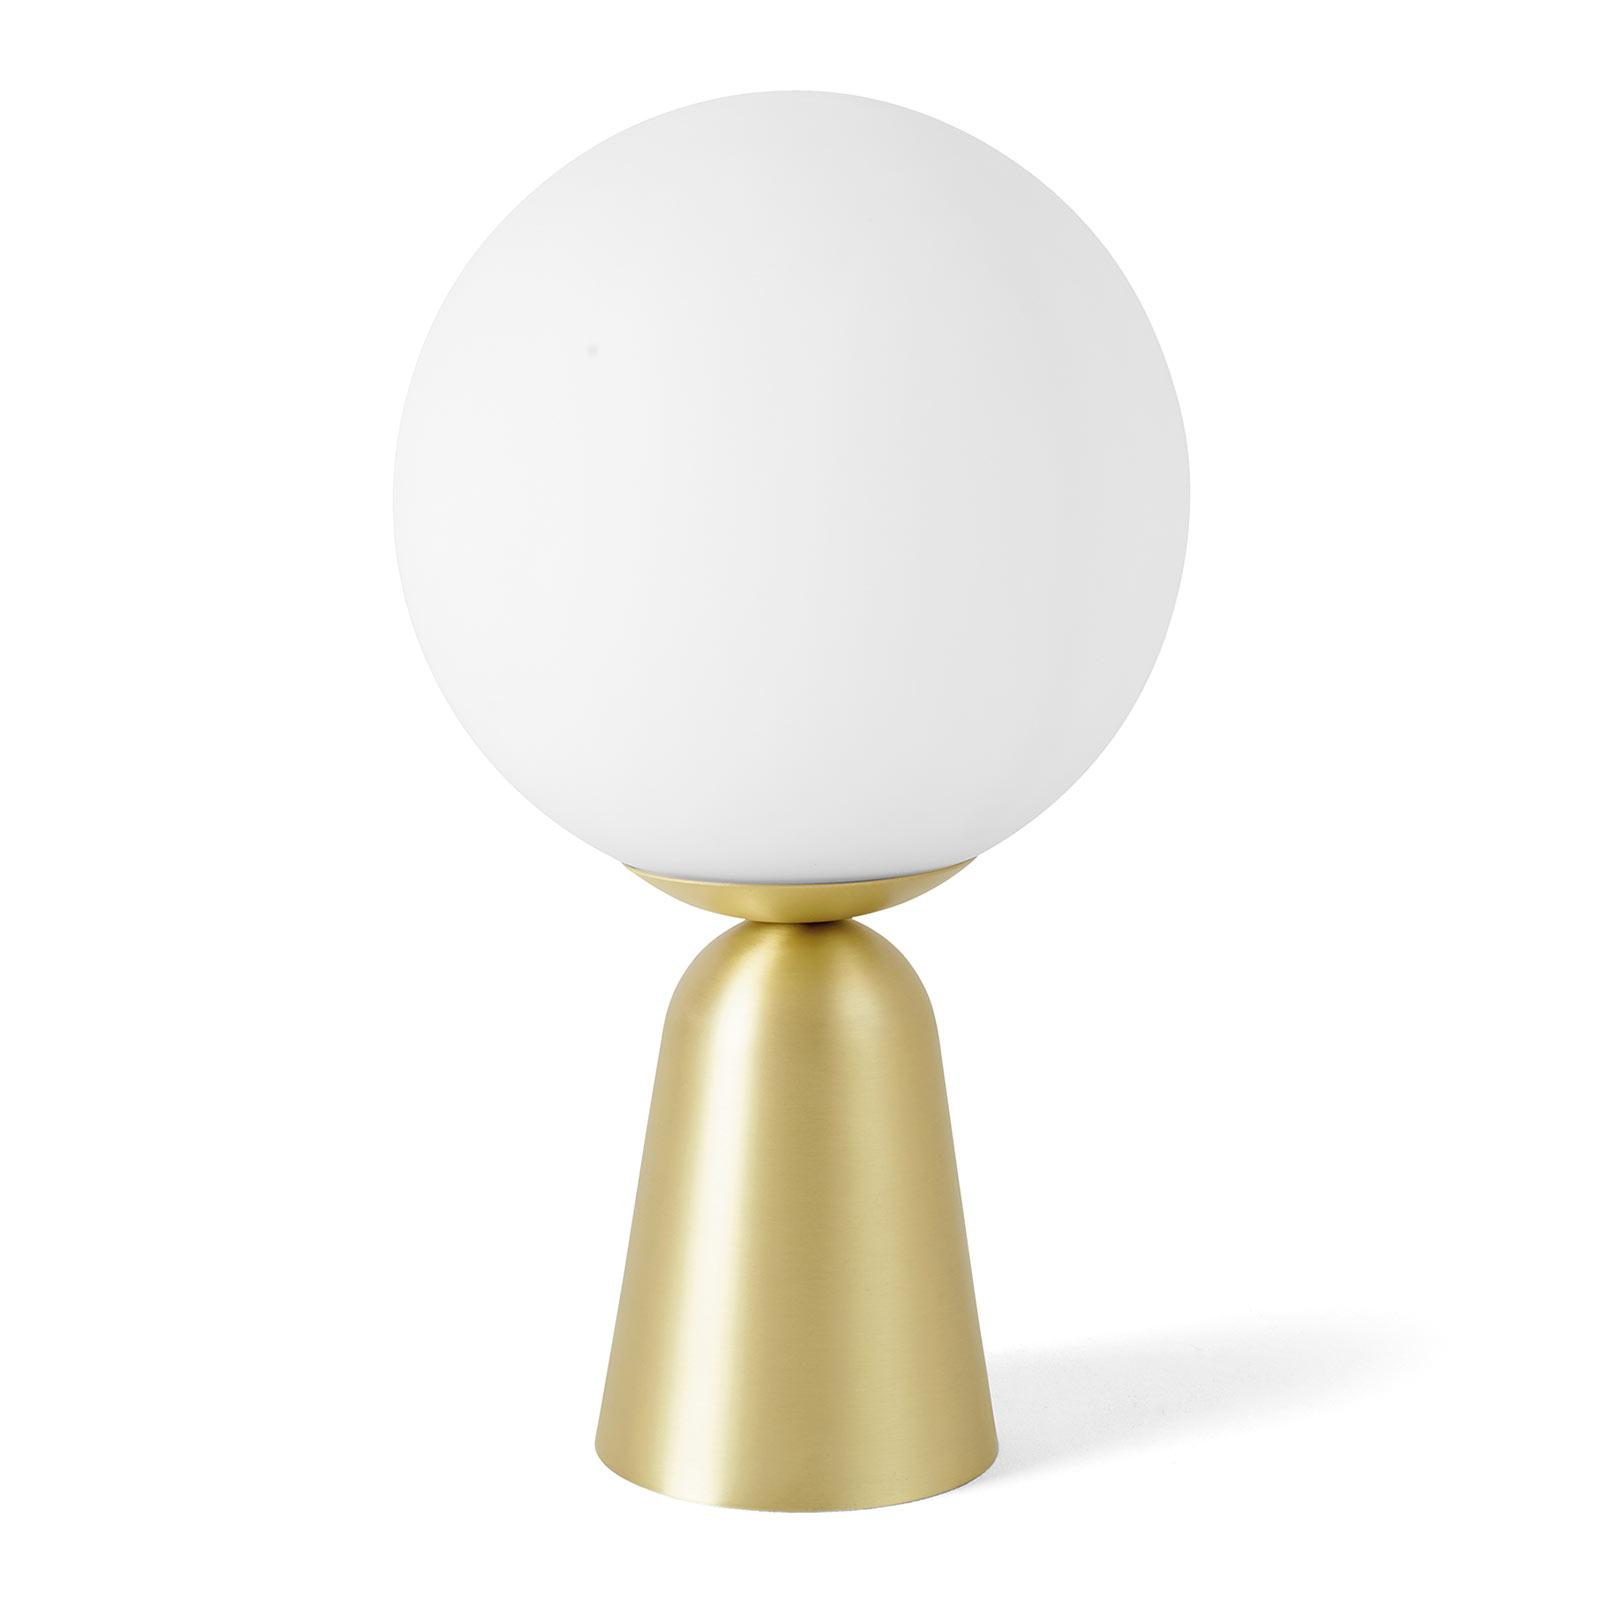 Tischleuchte Lunar mit goldenem Fuß, Ø 20 cm